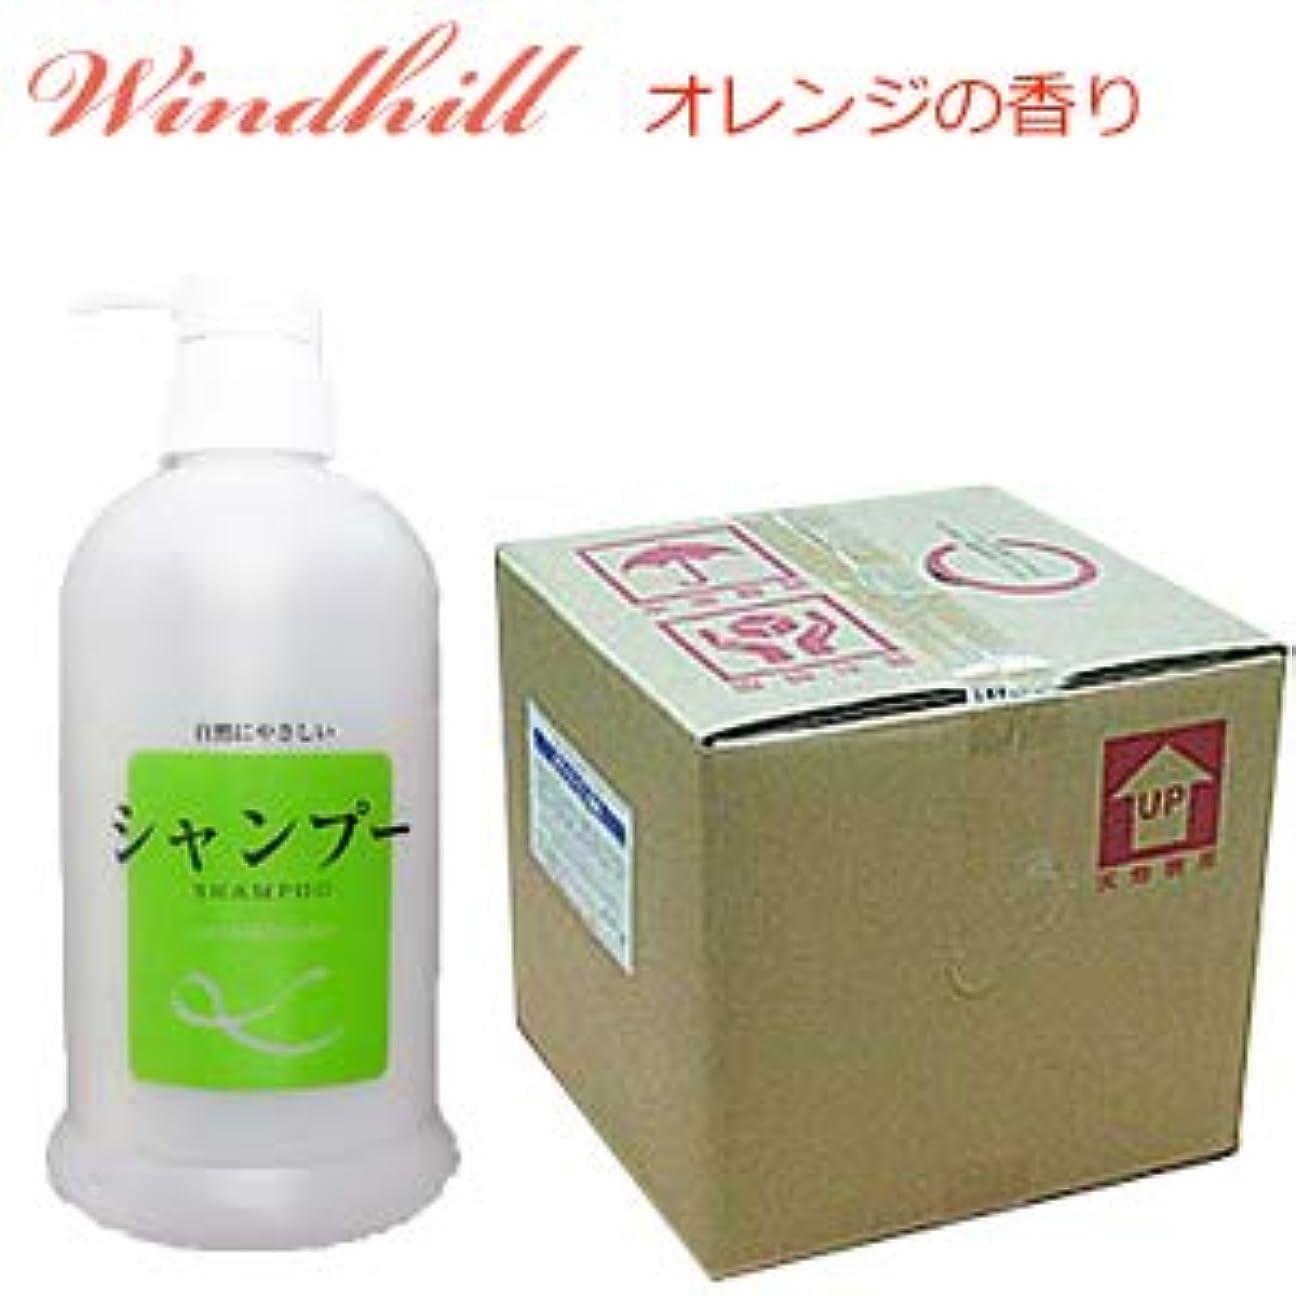 会計を通して成長するWindhill 植物性 業務用 シャンプー オレンジの香り 20L(1セット20L入)